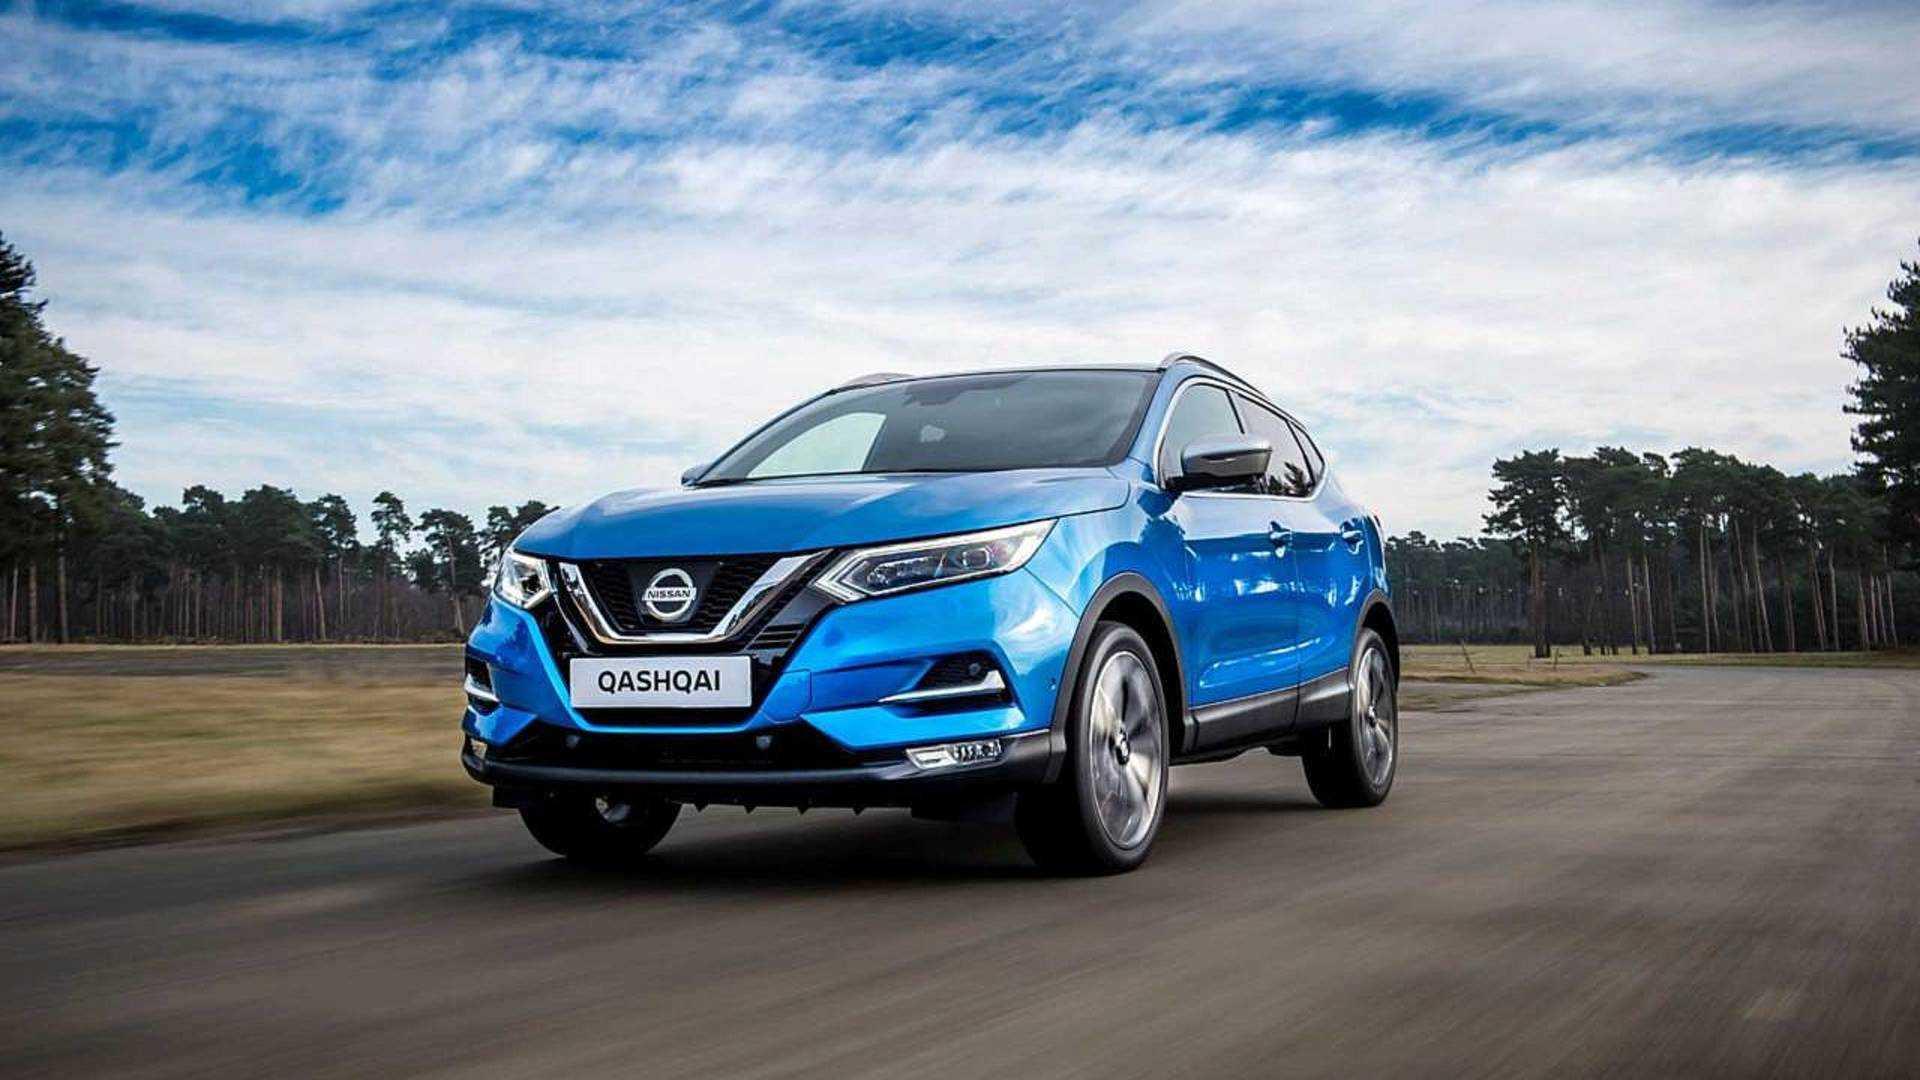 Precios Del Nissan Qashqai 2019 Ahora Con Nuevos Motores Wltp